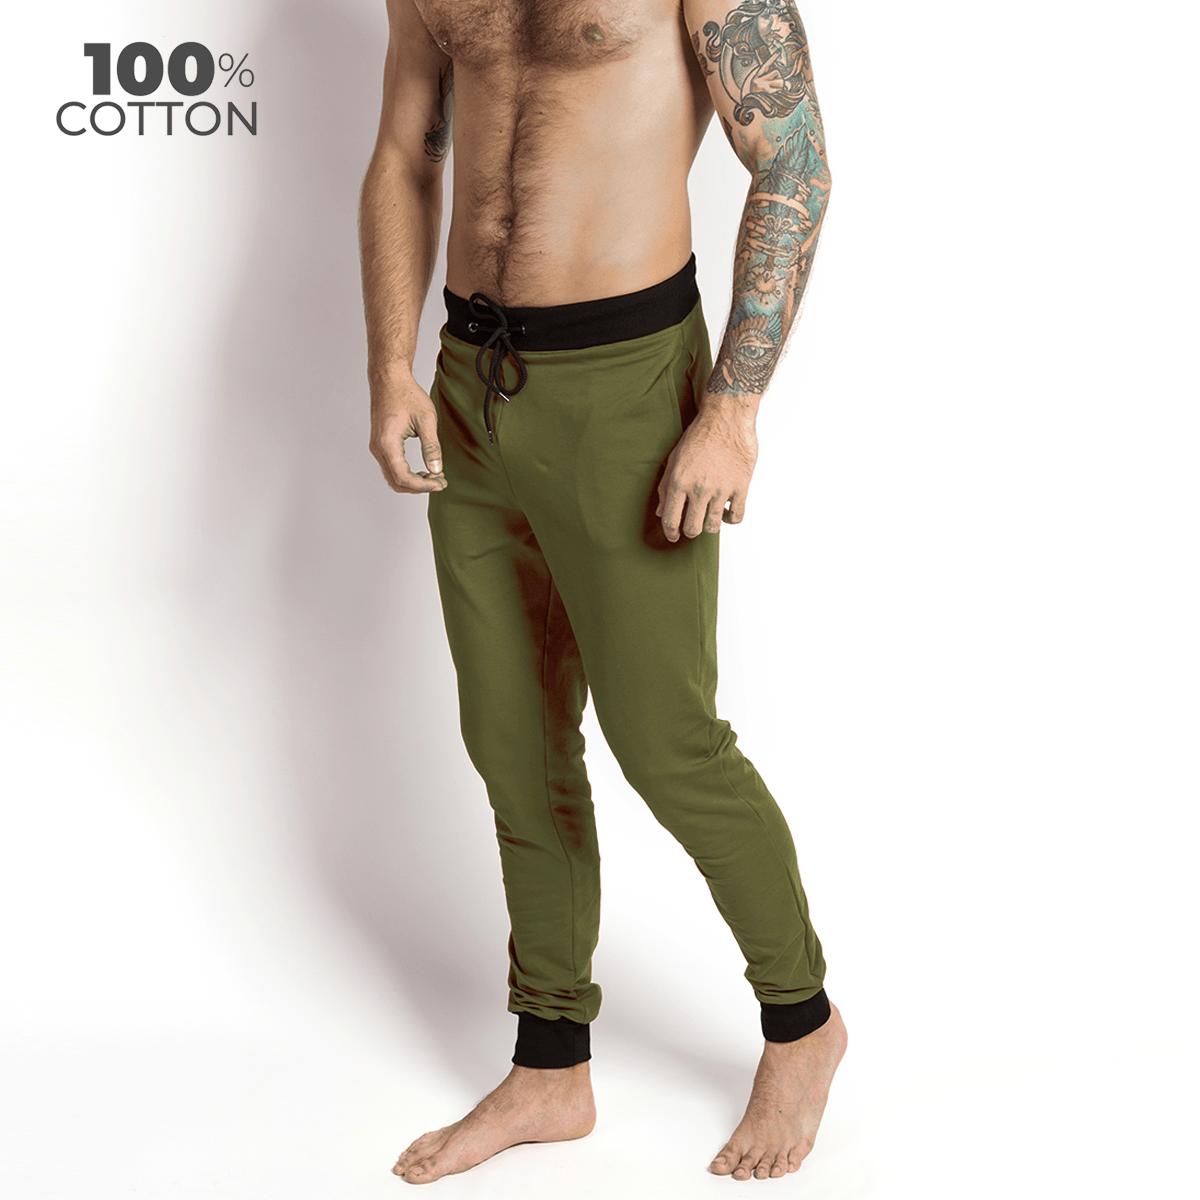 Мужские штаны для дома и отдыха Lounge Pants, хаки MansSet